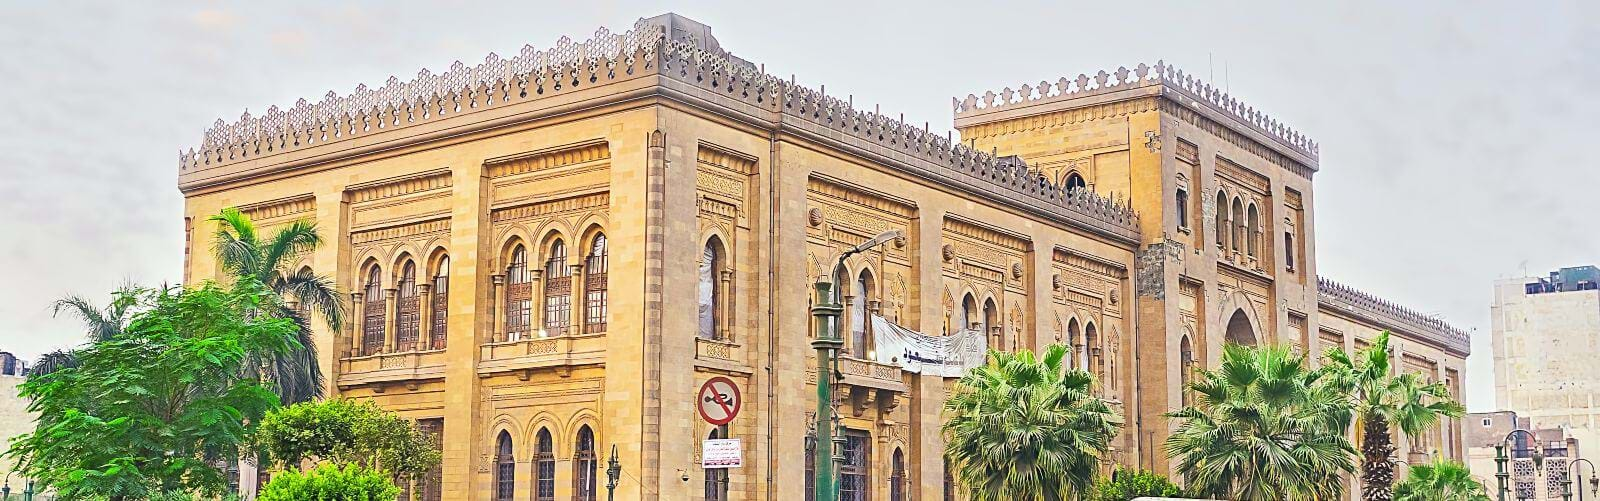 Cairo museum of Islamic art